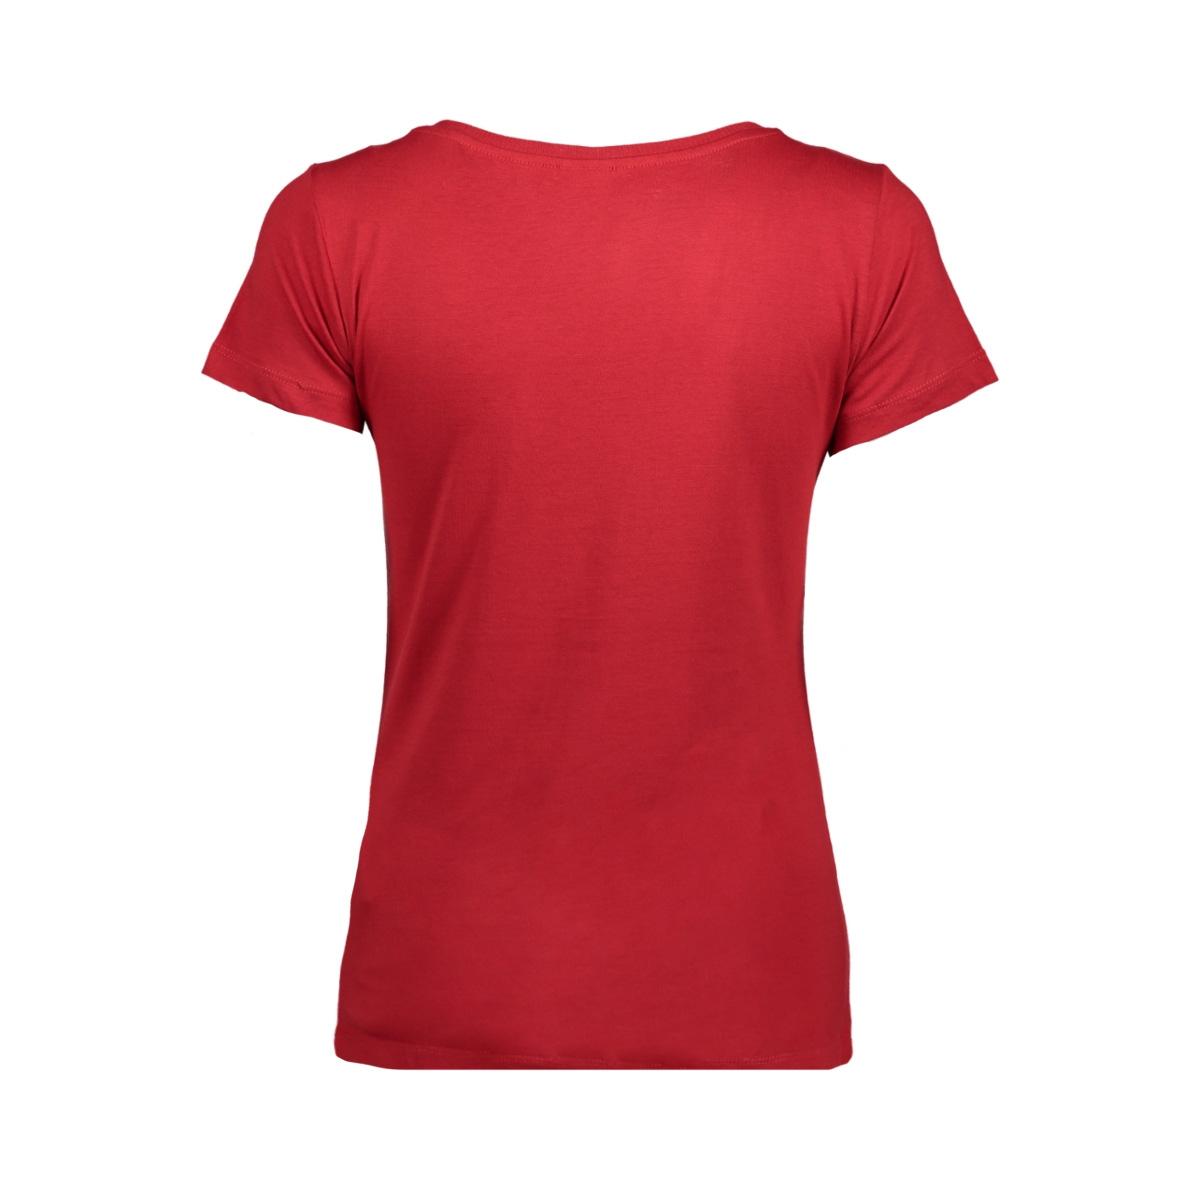 jdychicagos 7 s/s print top 11 jrs 15141657 jacqueline de yong t-shirt scarlet sage